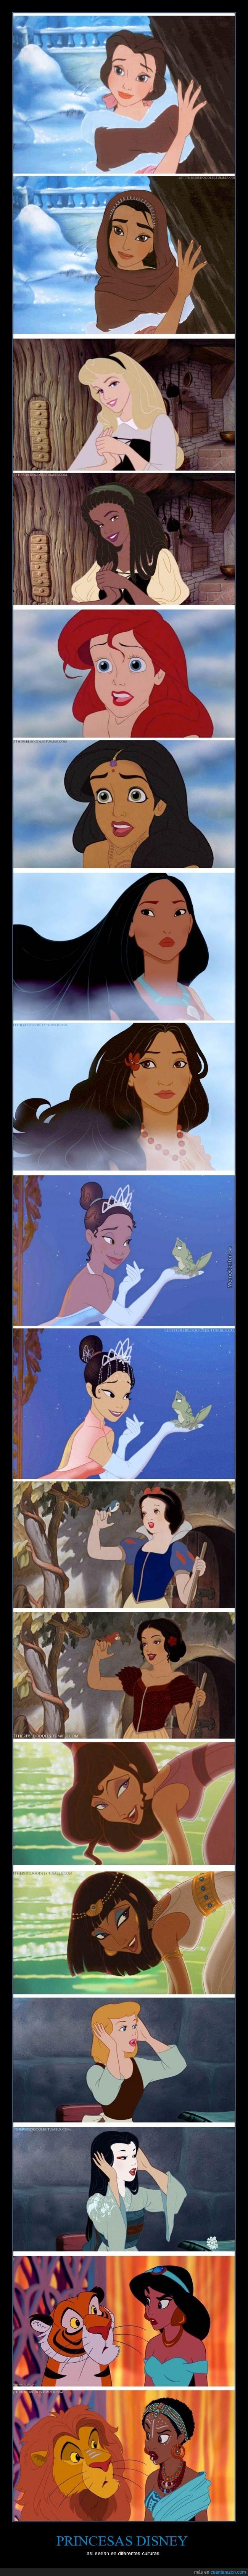 Culturas,Disney,Diversidad,León,Princesas,Yo vería las pelis